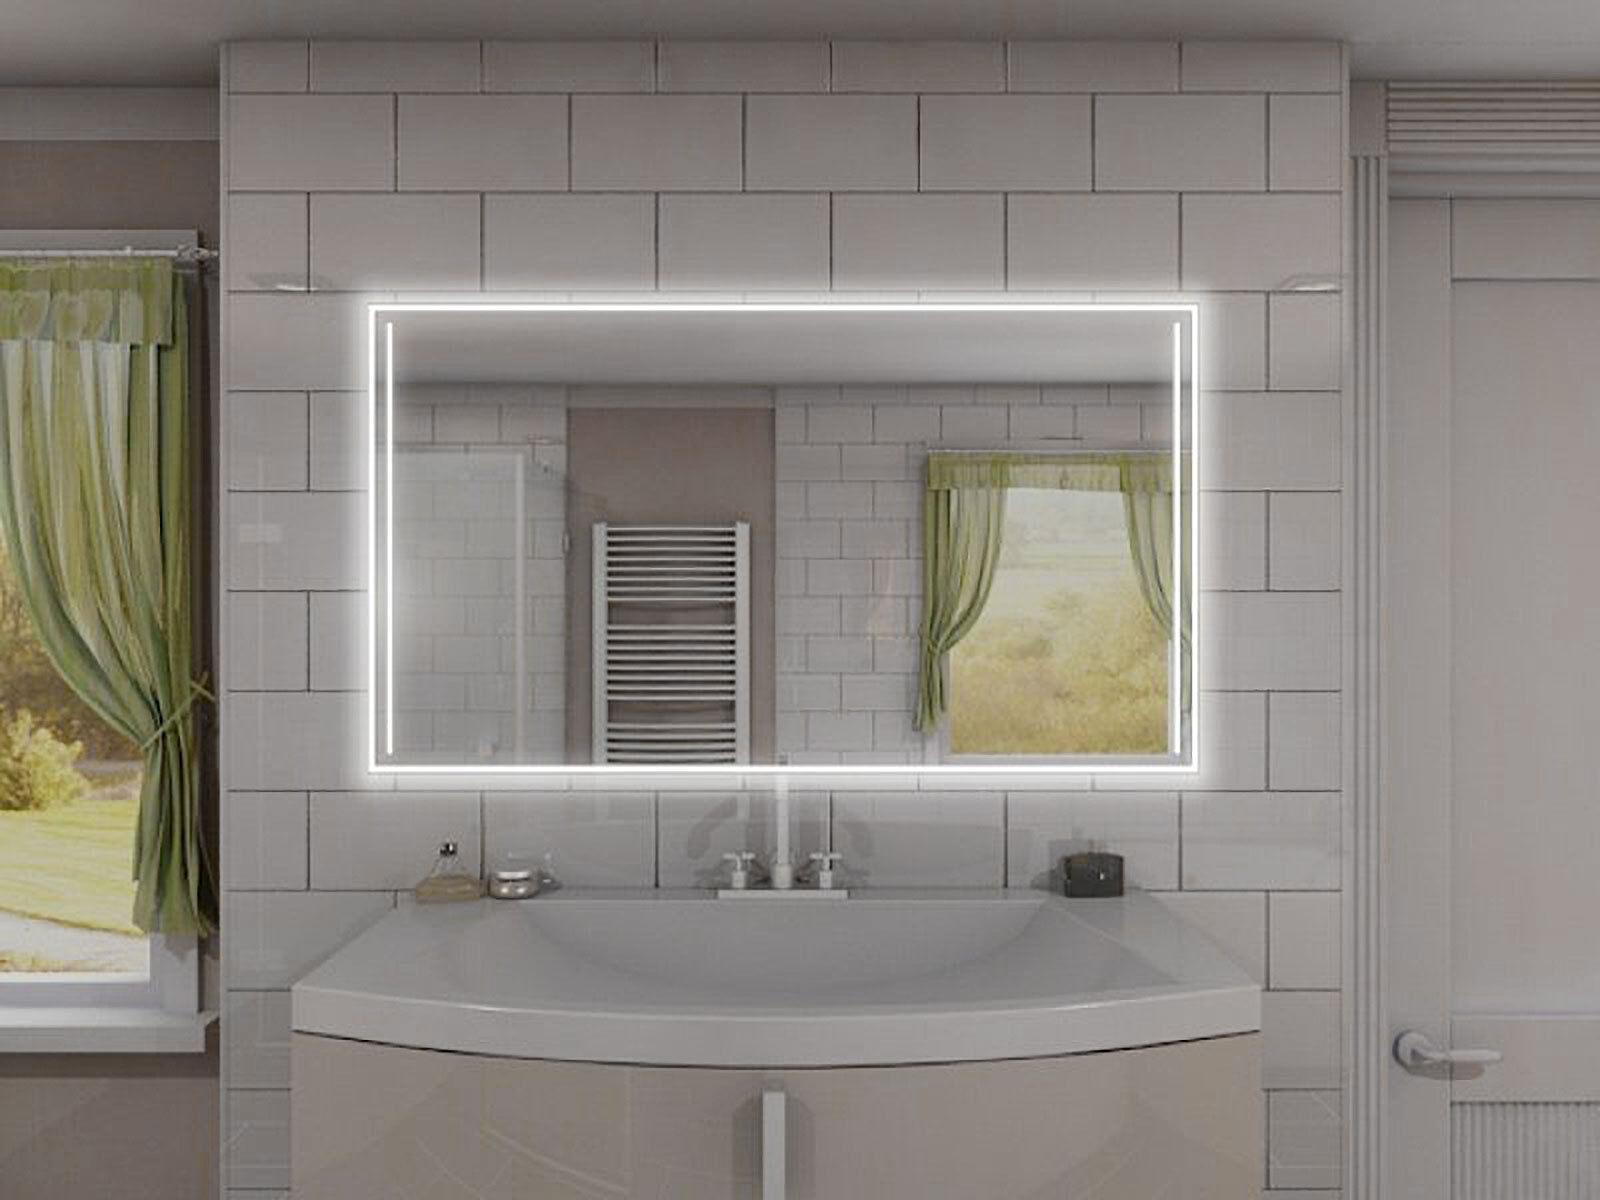 Badspiegel Badezimmerspiegel Bad Spiegel LED beleuchtet rundherum ■■■ M501L4